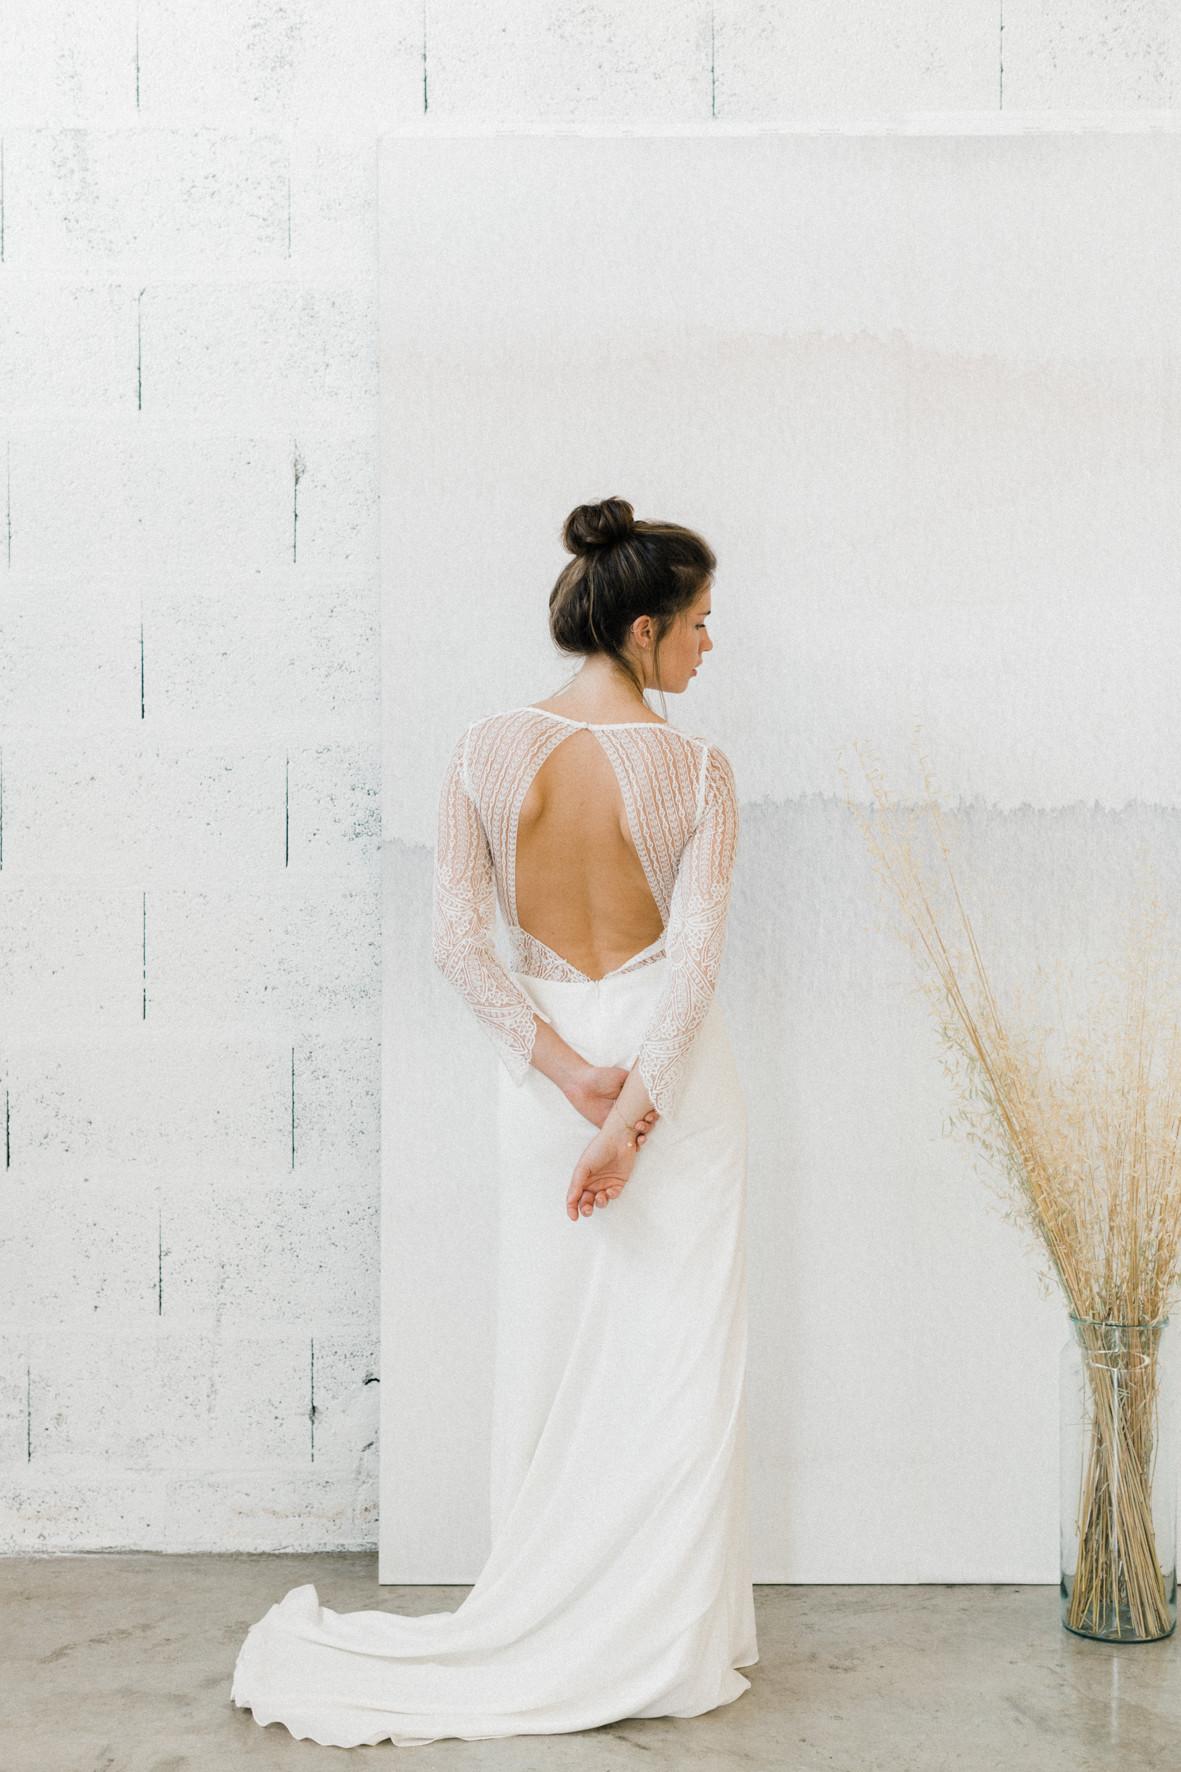 Kamelion Couture Robes De Mariee A Nantes